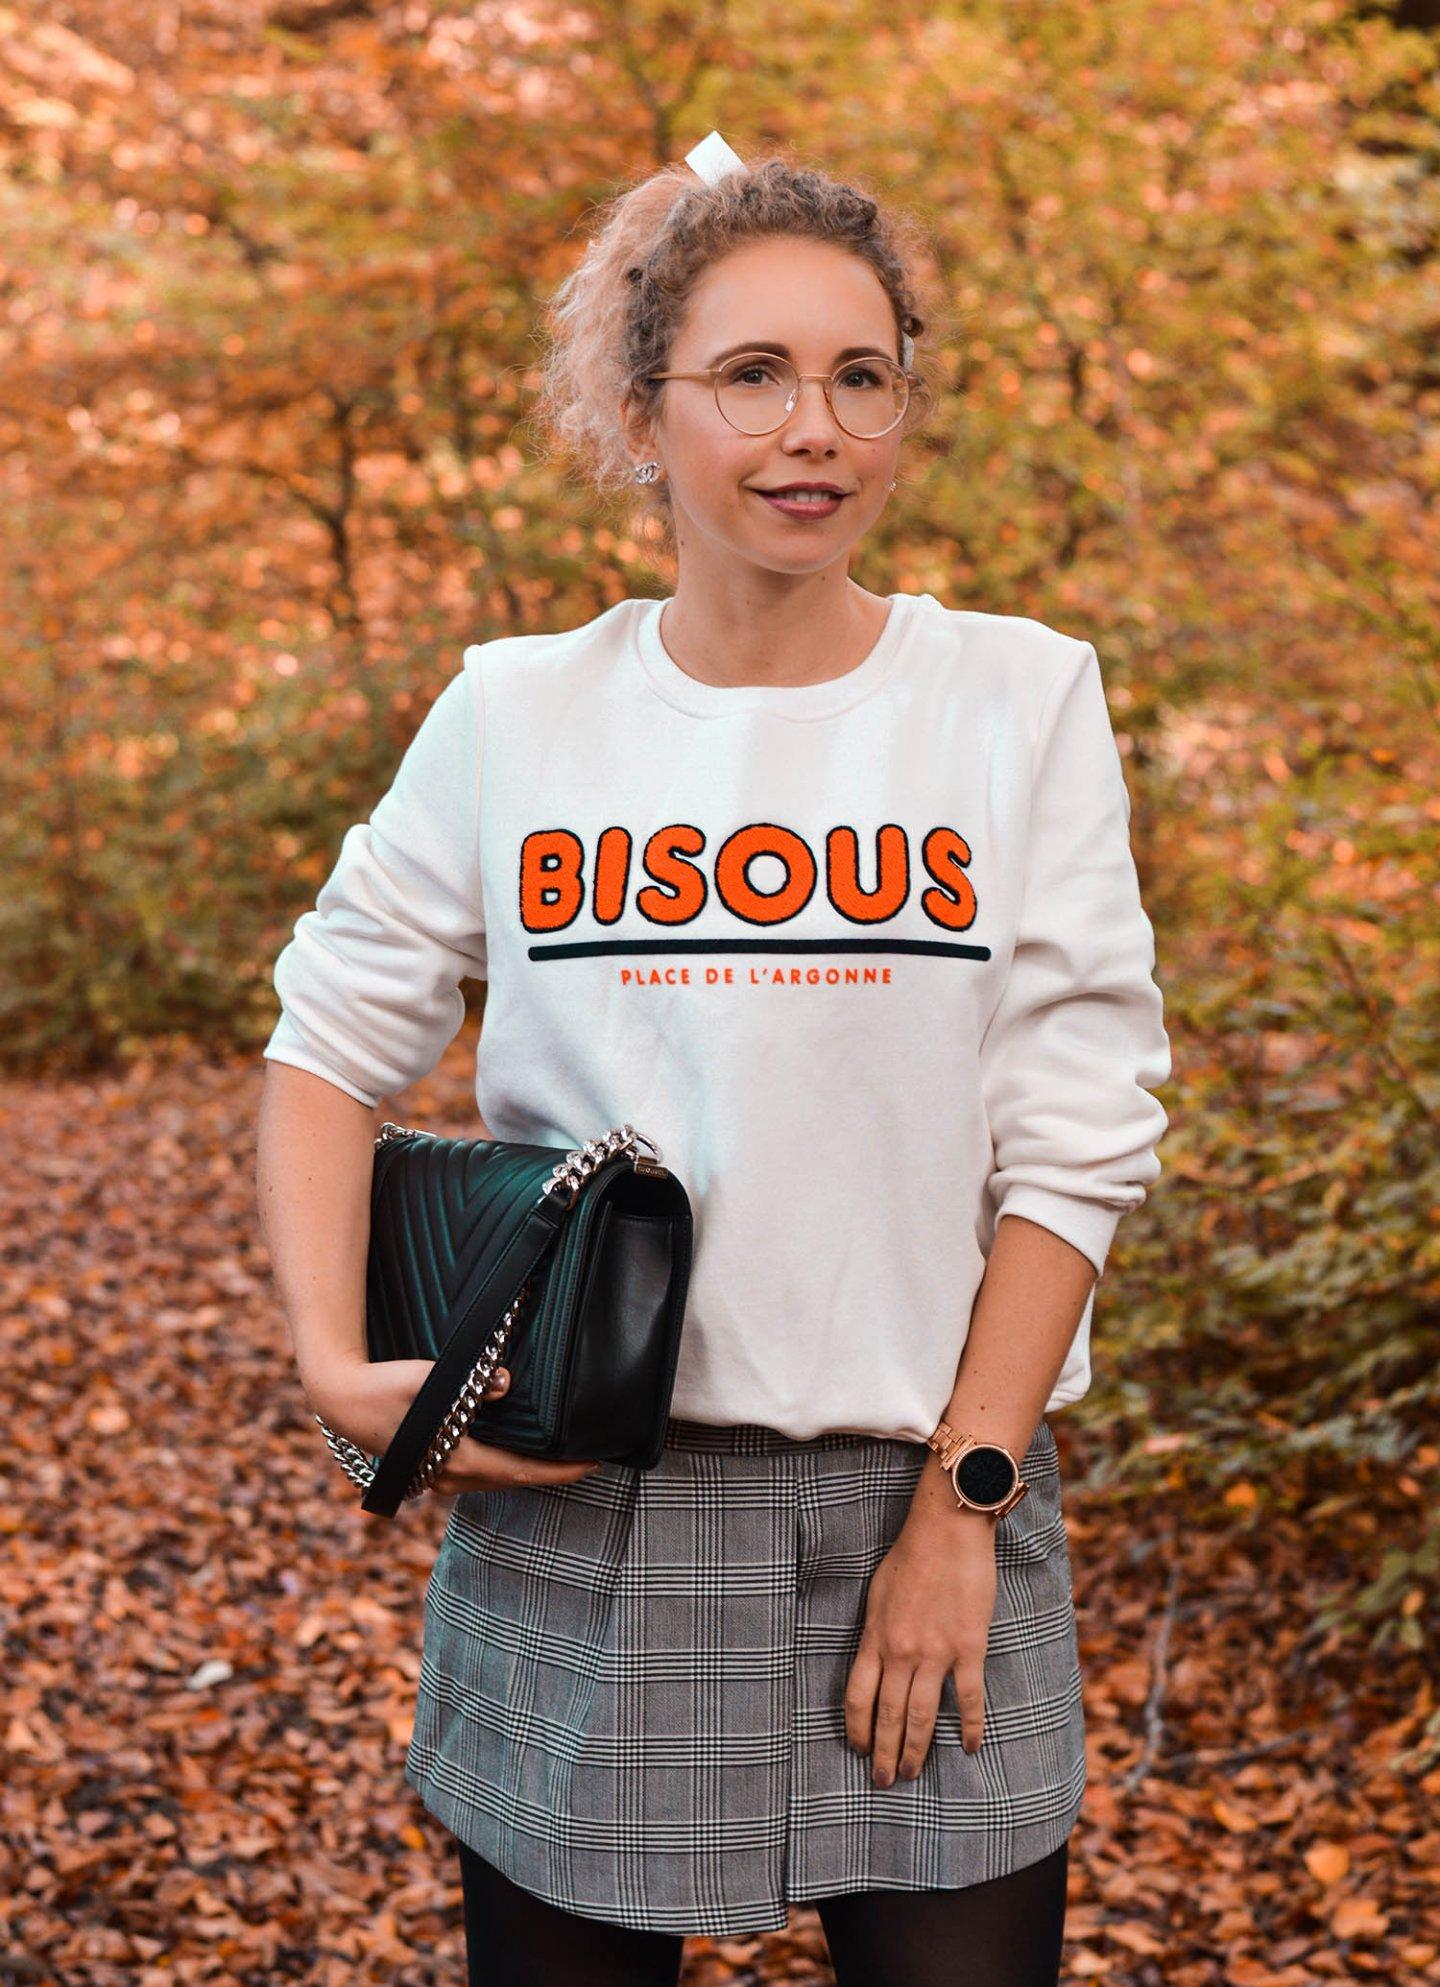 Statement Sweatshirt mit Bisous Print, Skorts, Chanel Boy Bag